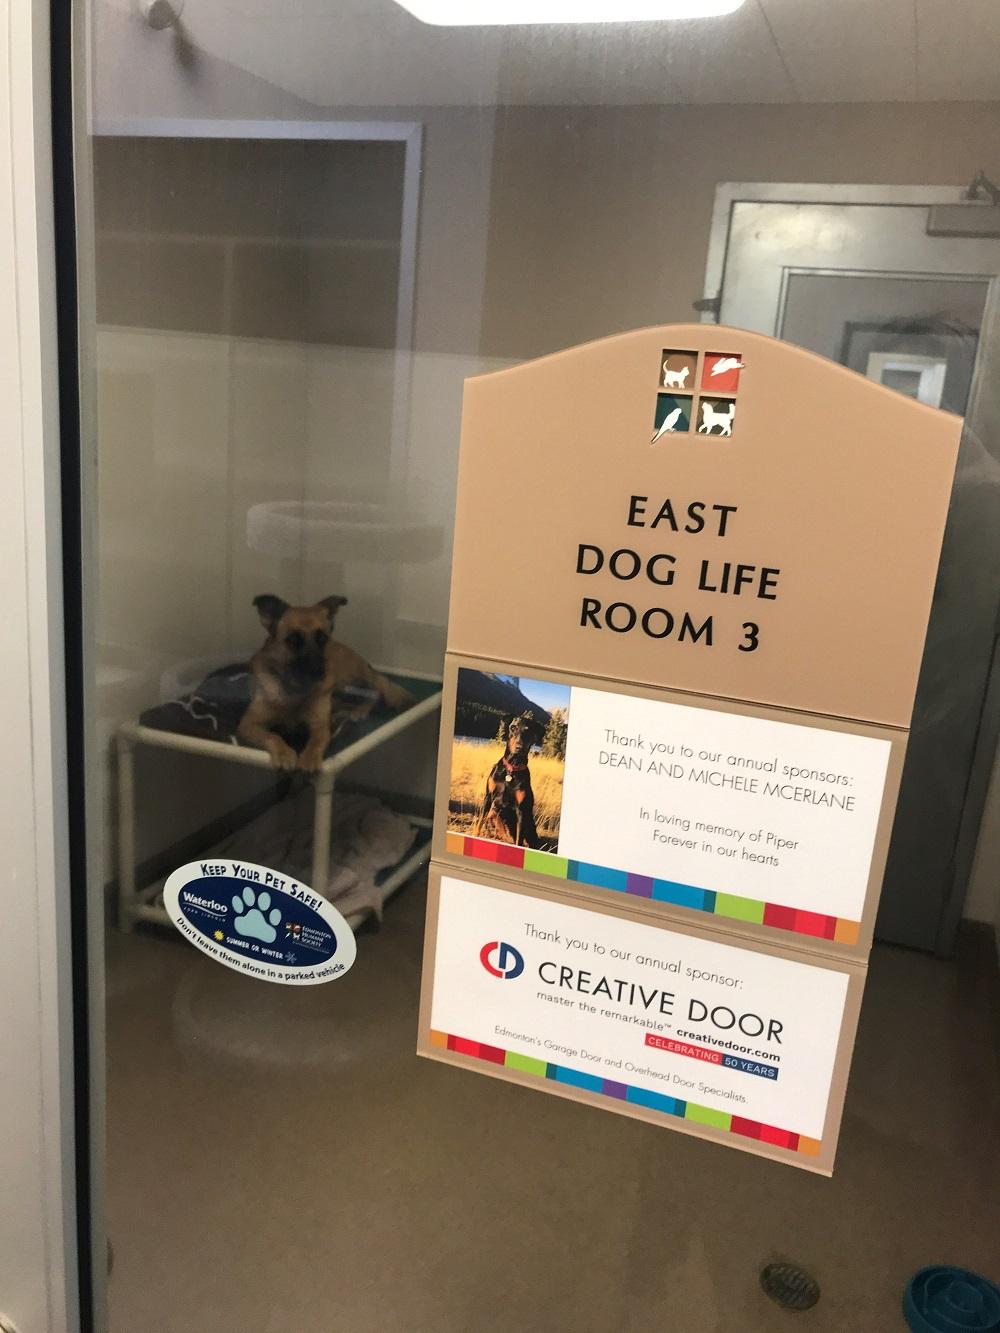 Edmonton-Humane-Society-Bottle-Drive-6.jpg?mtime=20191115205115#asset:15220